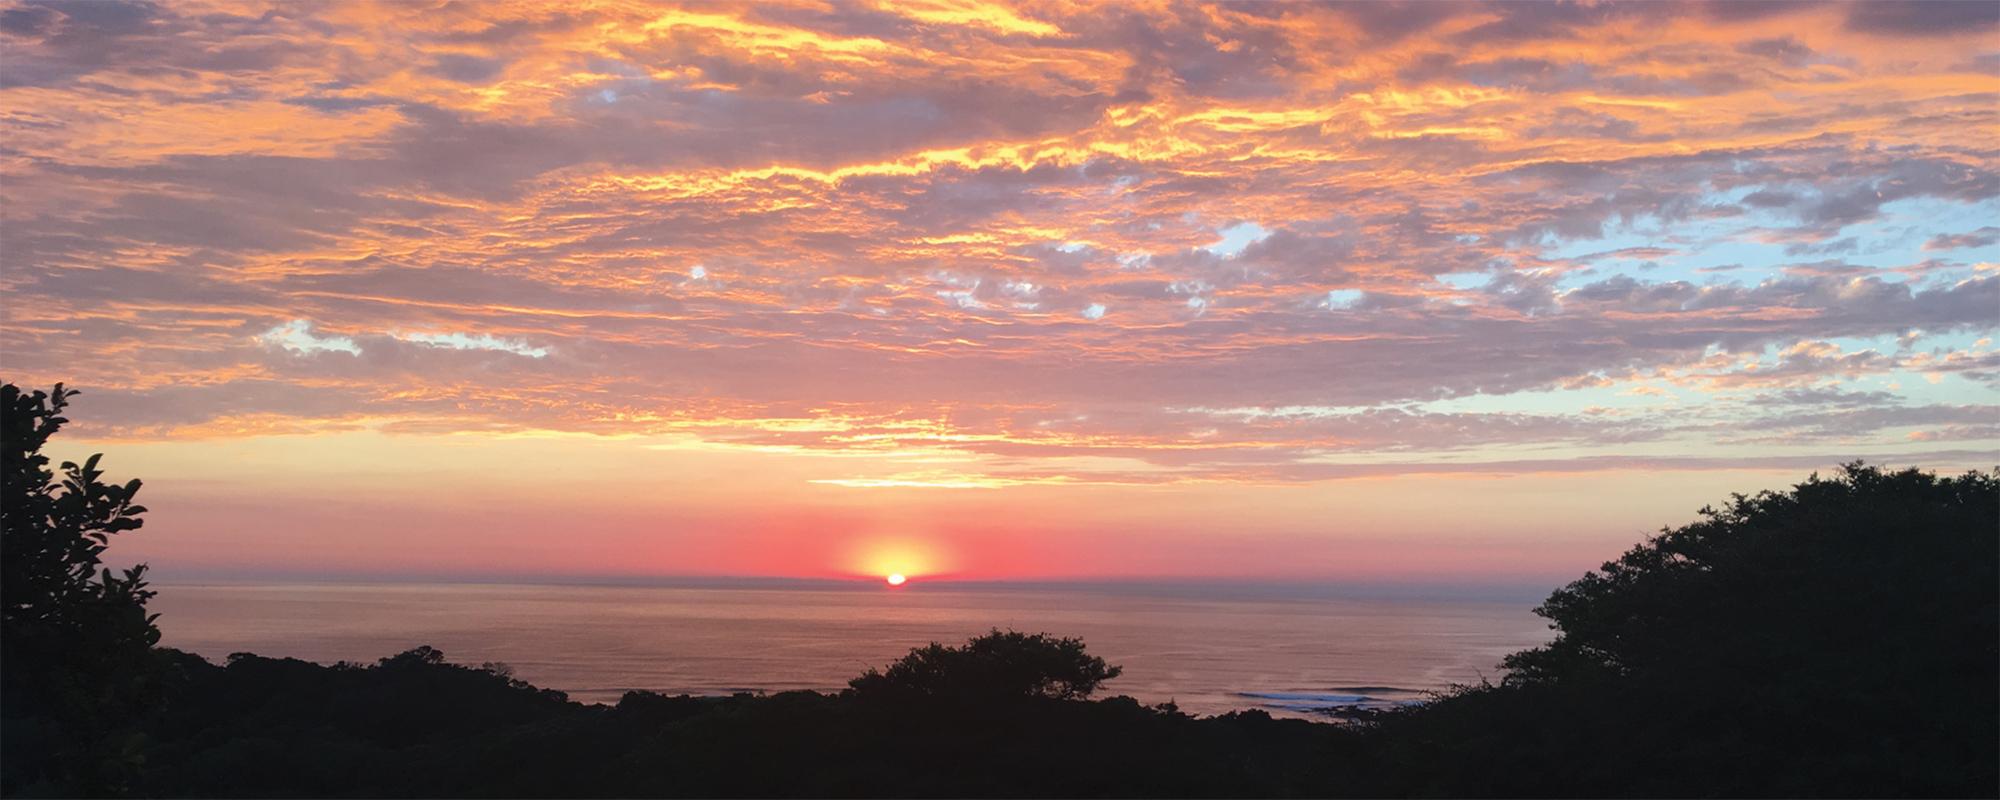 BeachKaya sunrise